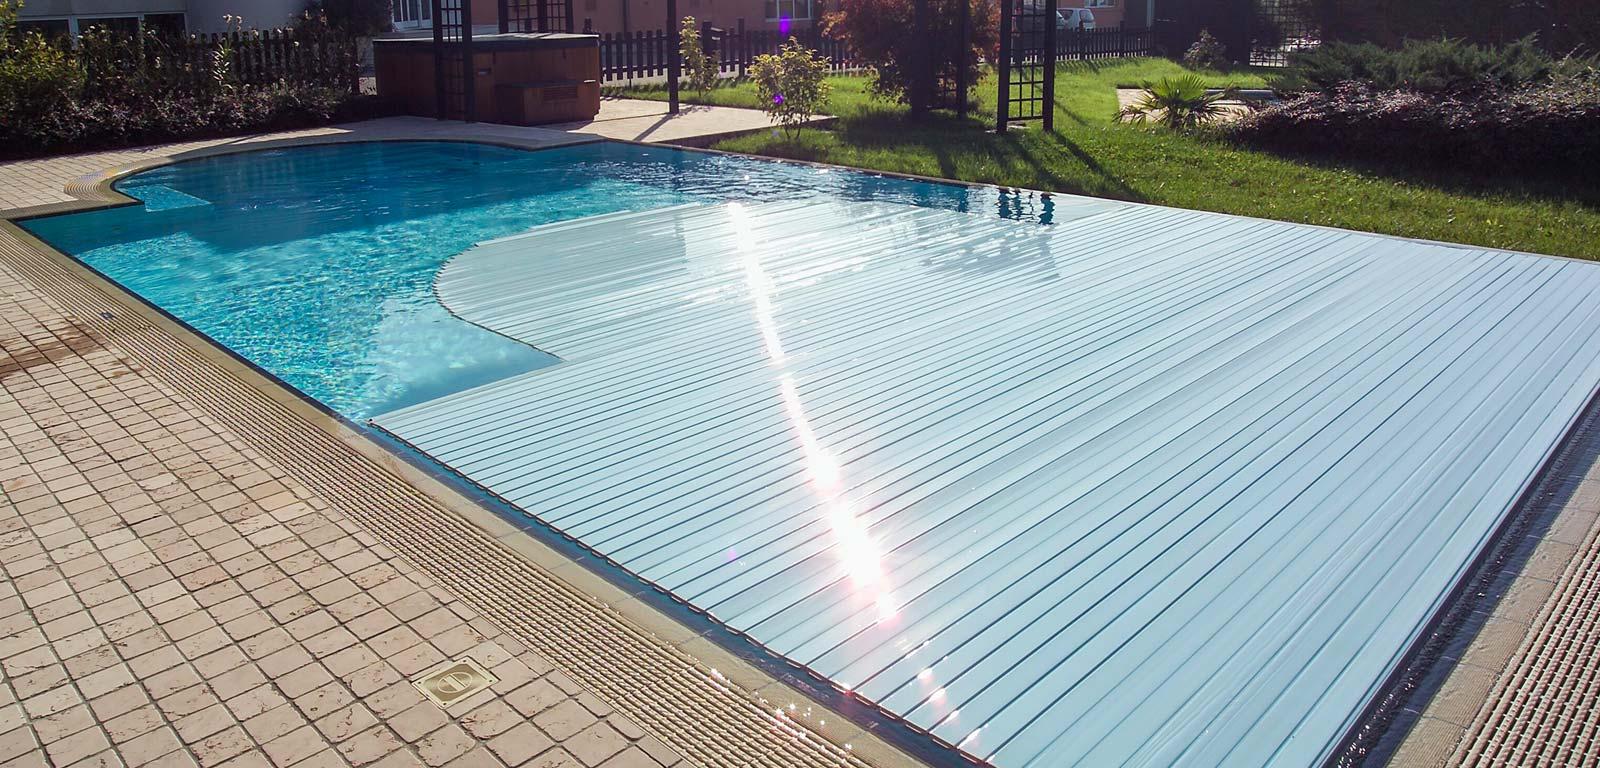 Coperture per piscine accessori piscine castiglione for Accessori piscine